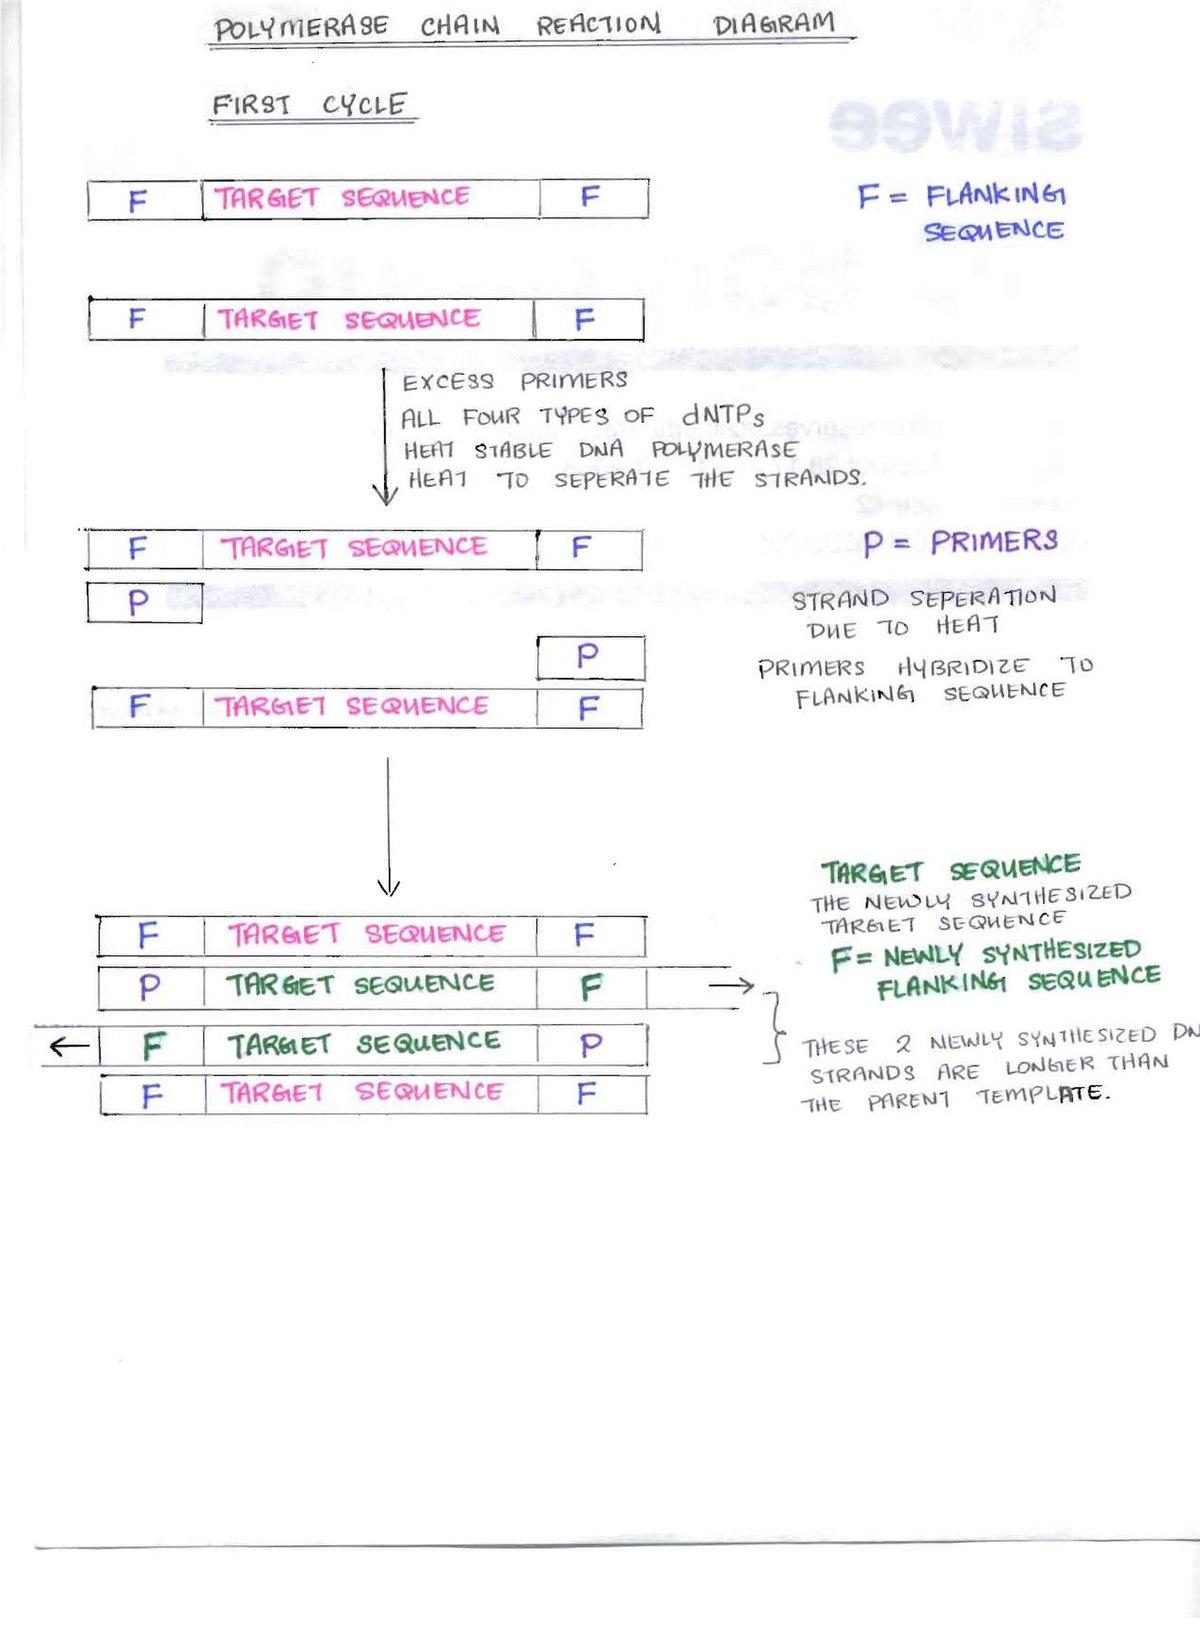 File:PCR diagrams pdf - Wikipedia